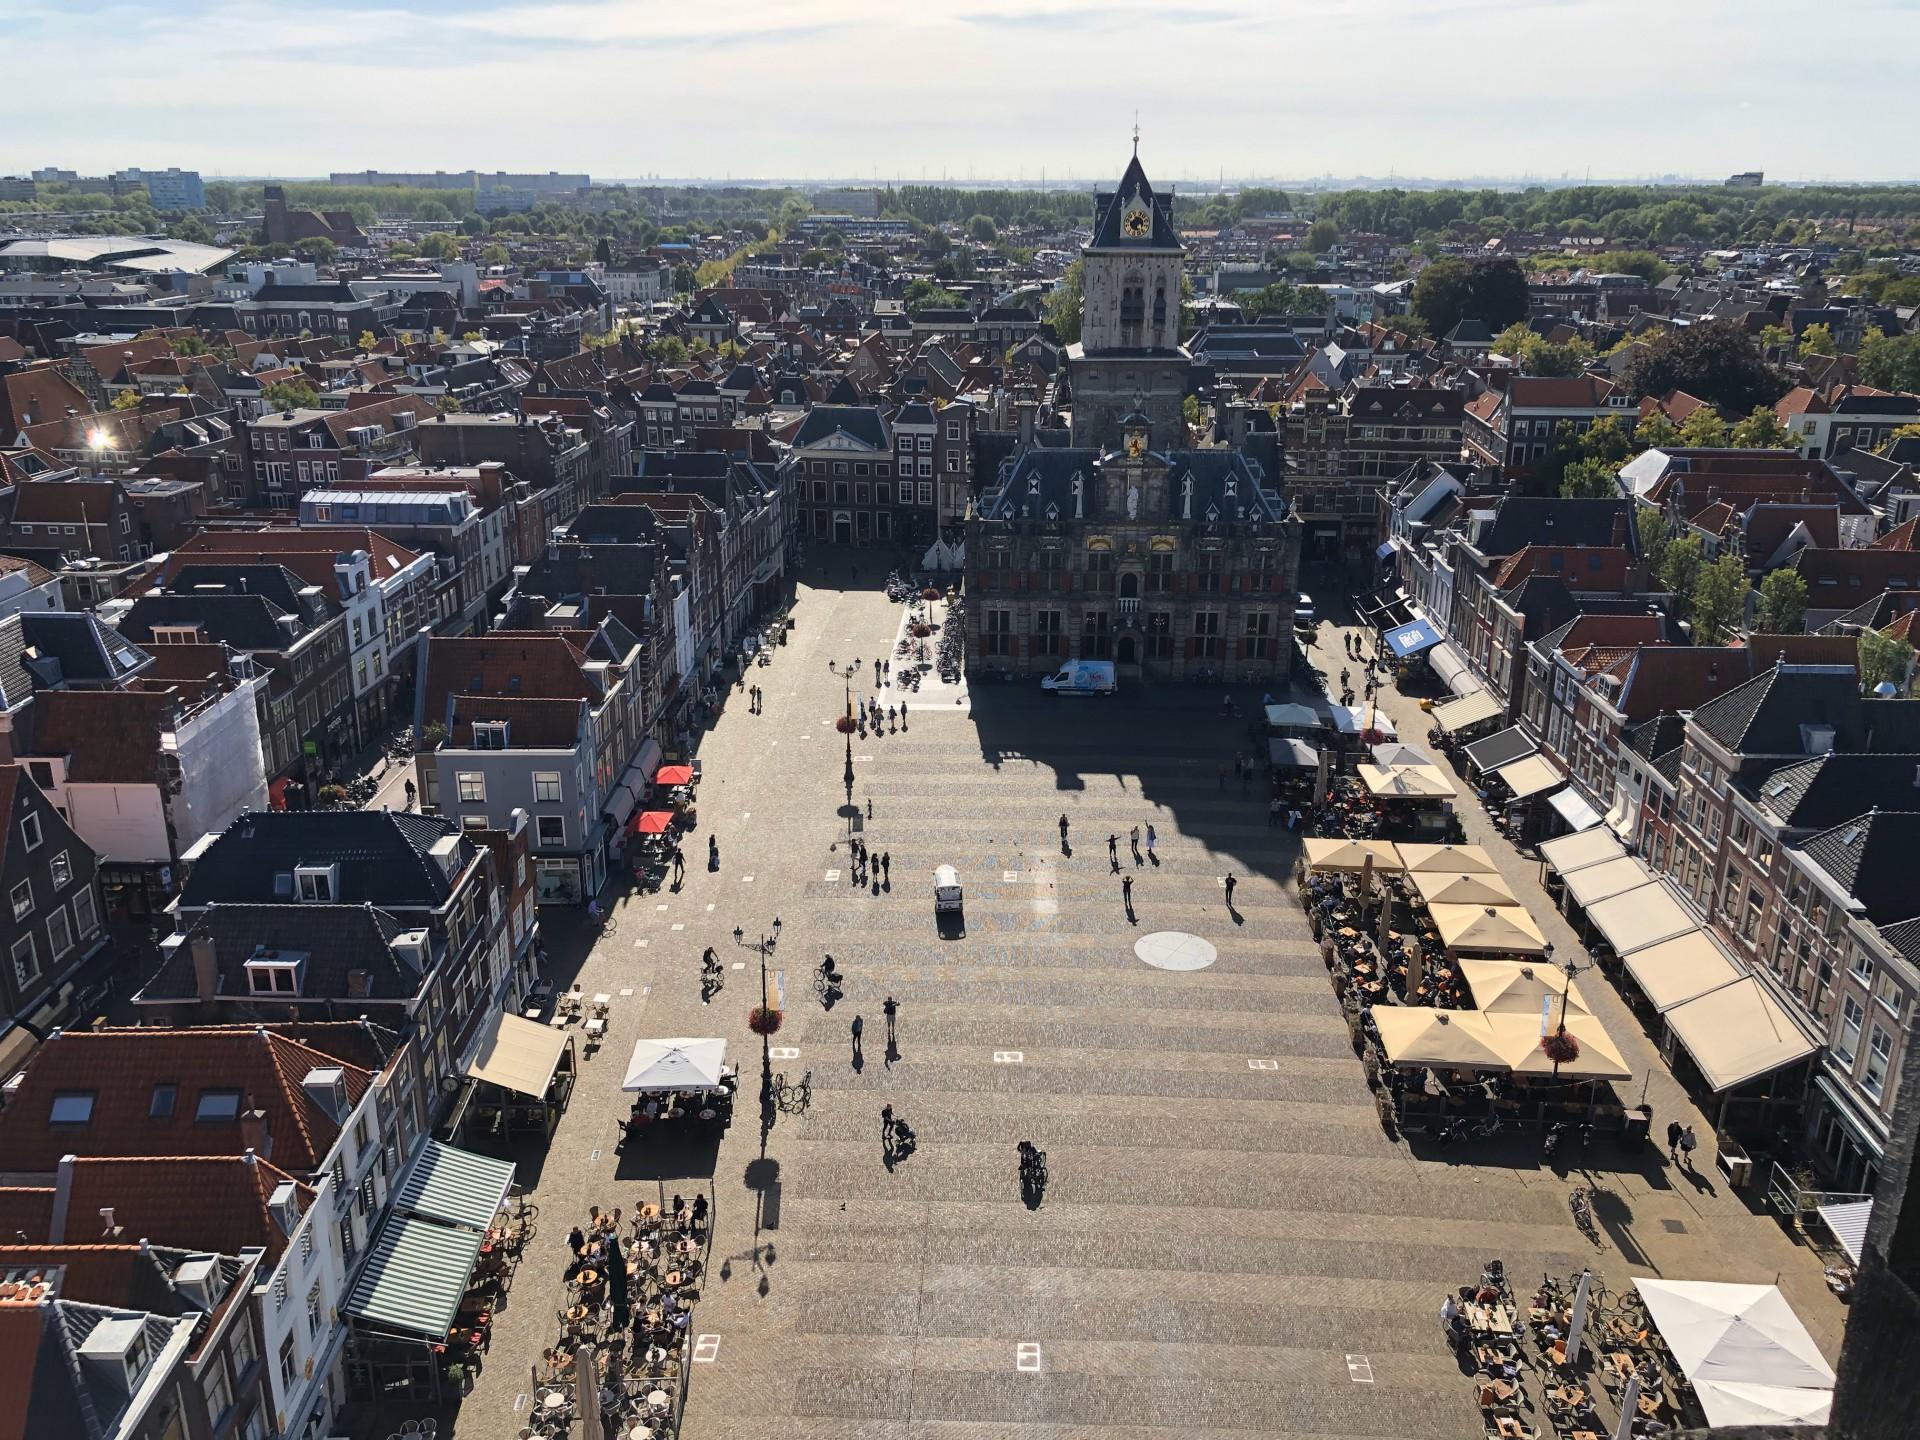 Het centrum van Delft. Foto: Pieter Verbeek.